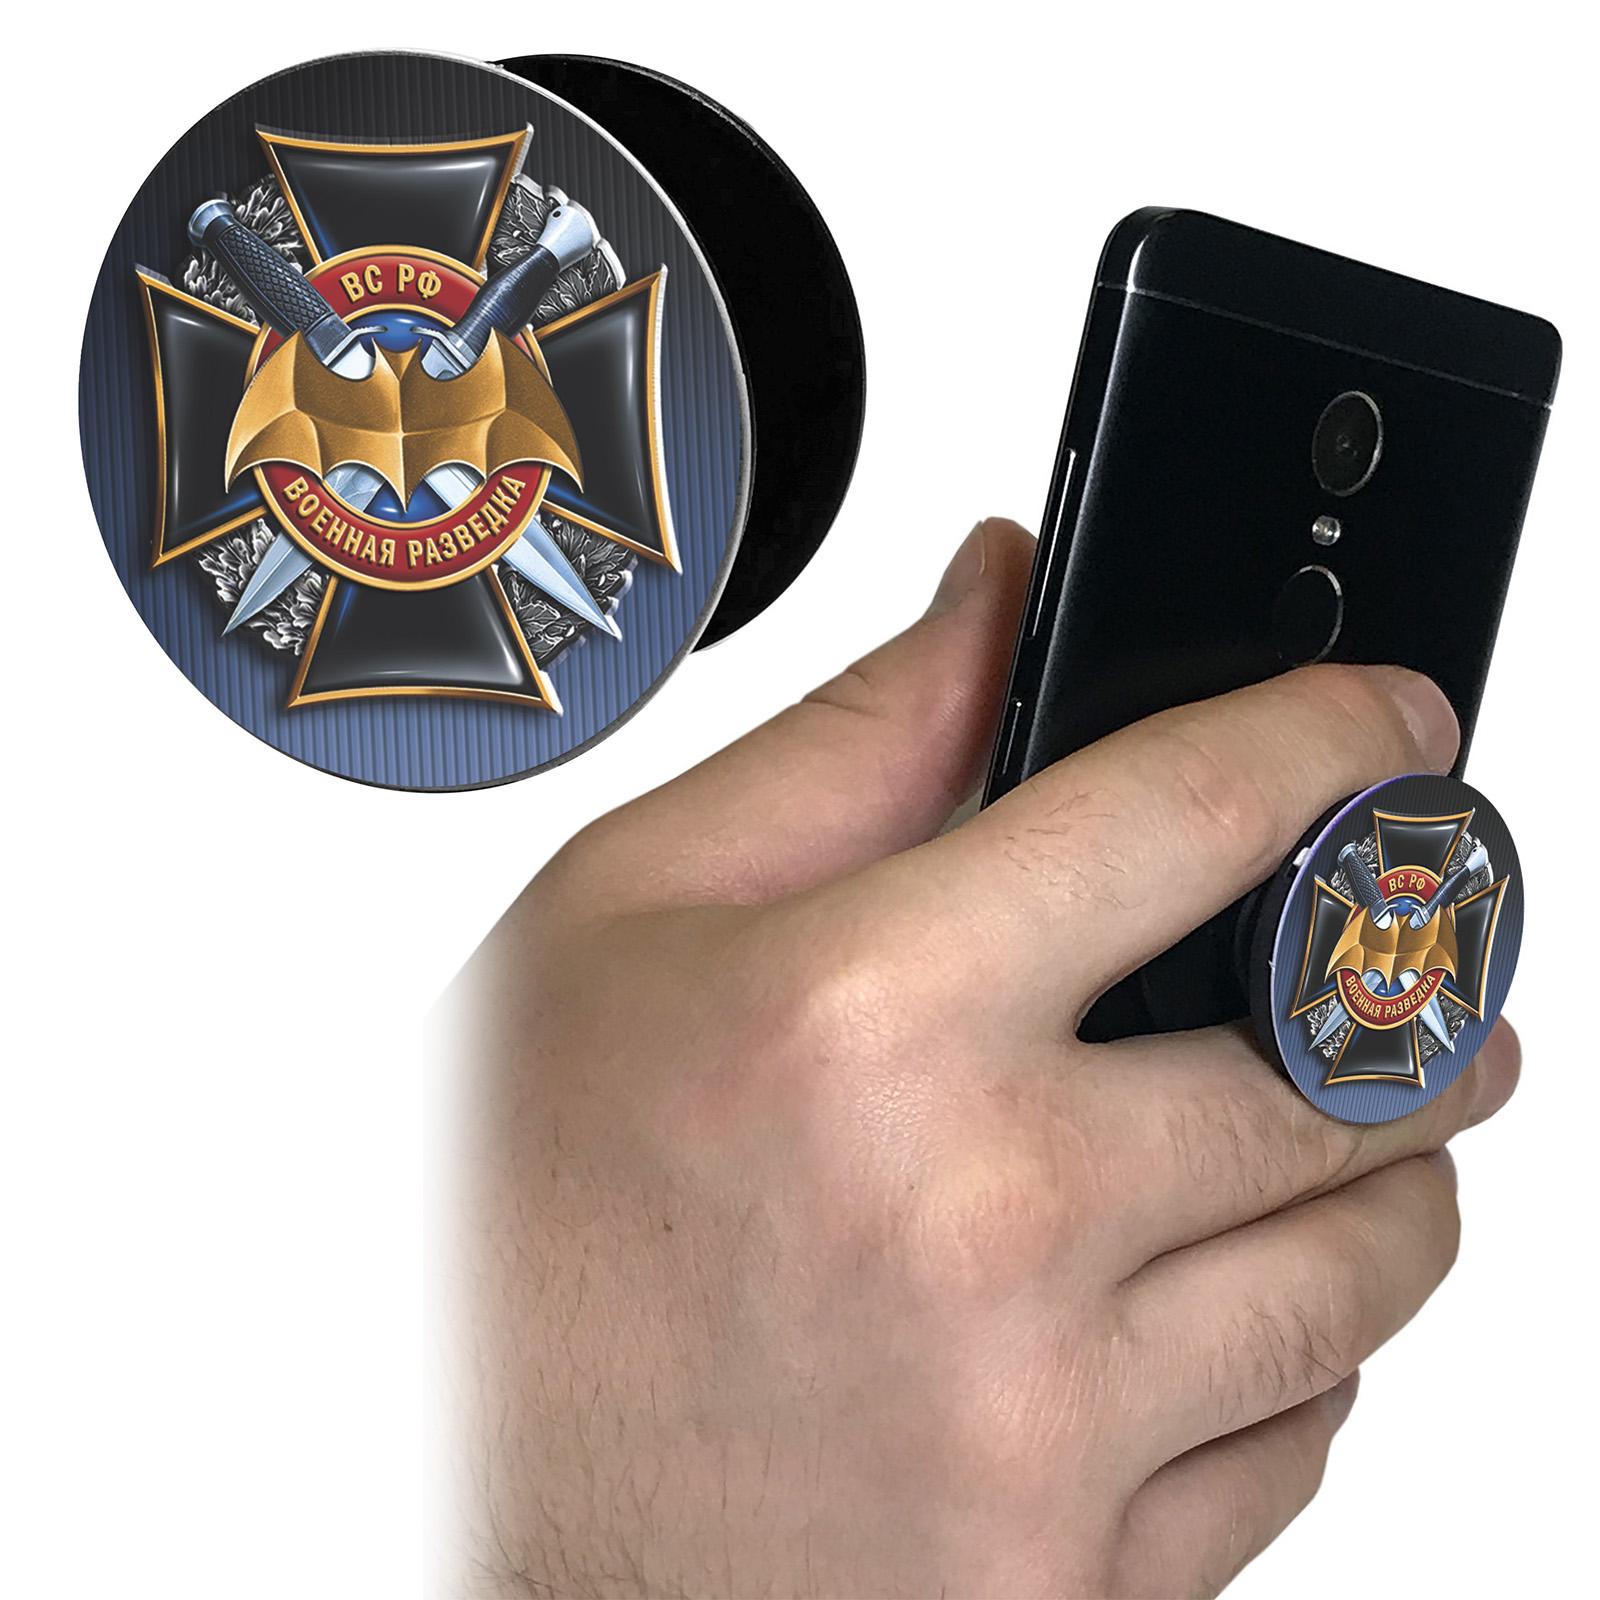 Тематический попсокет на телефон военного разведчика